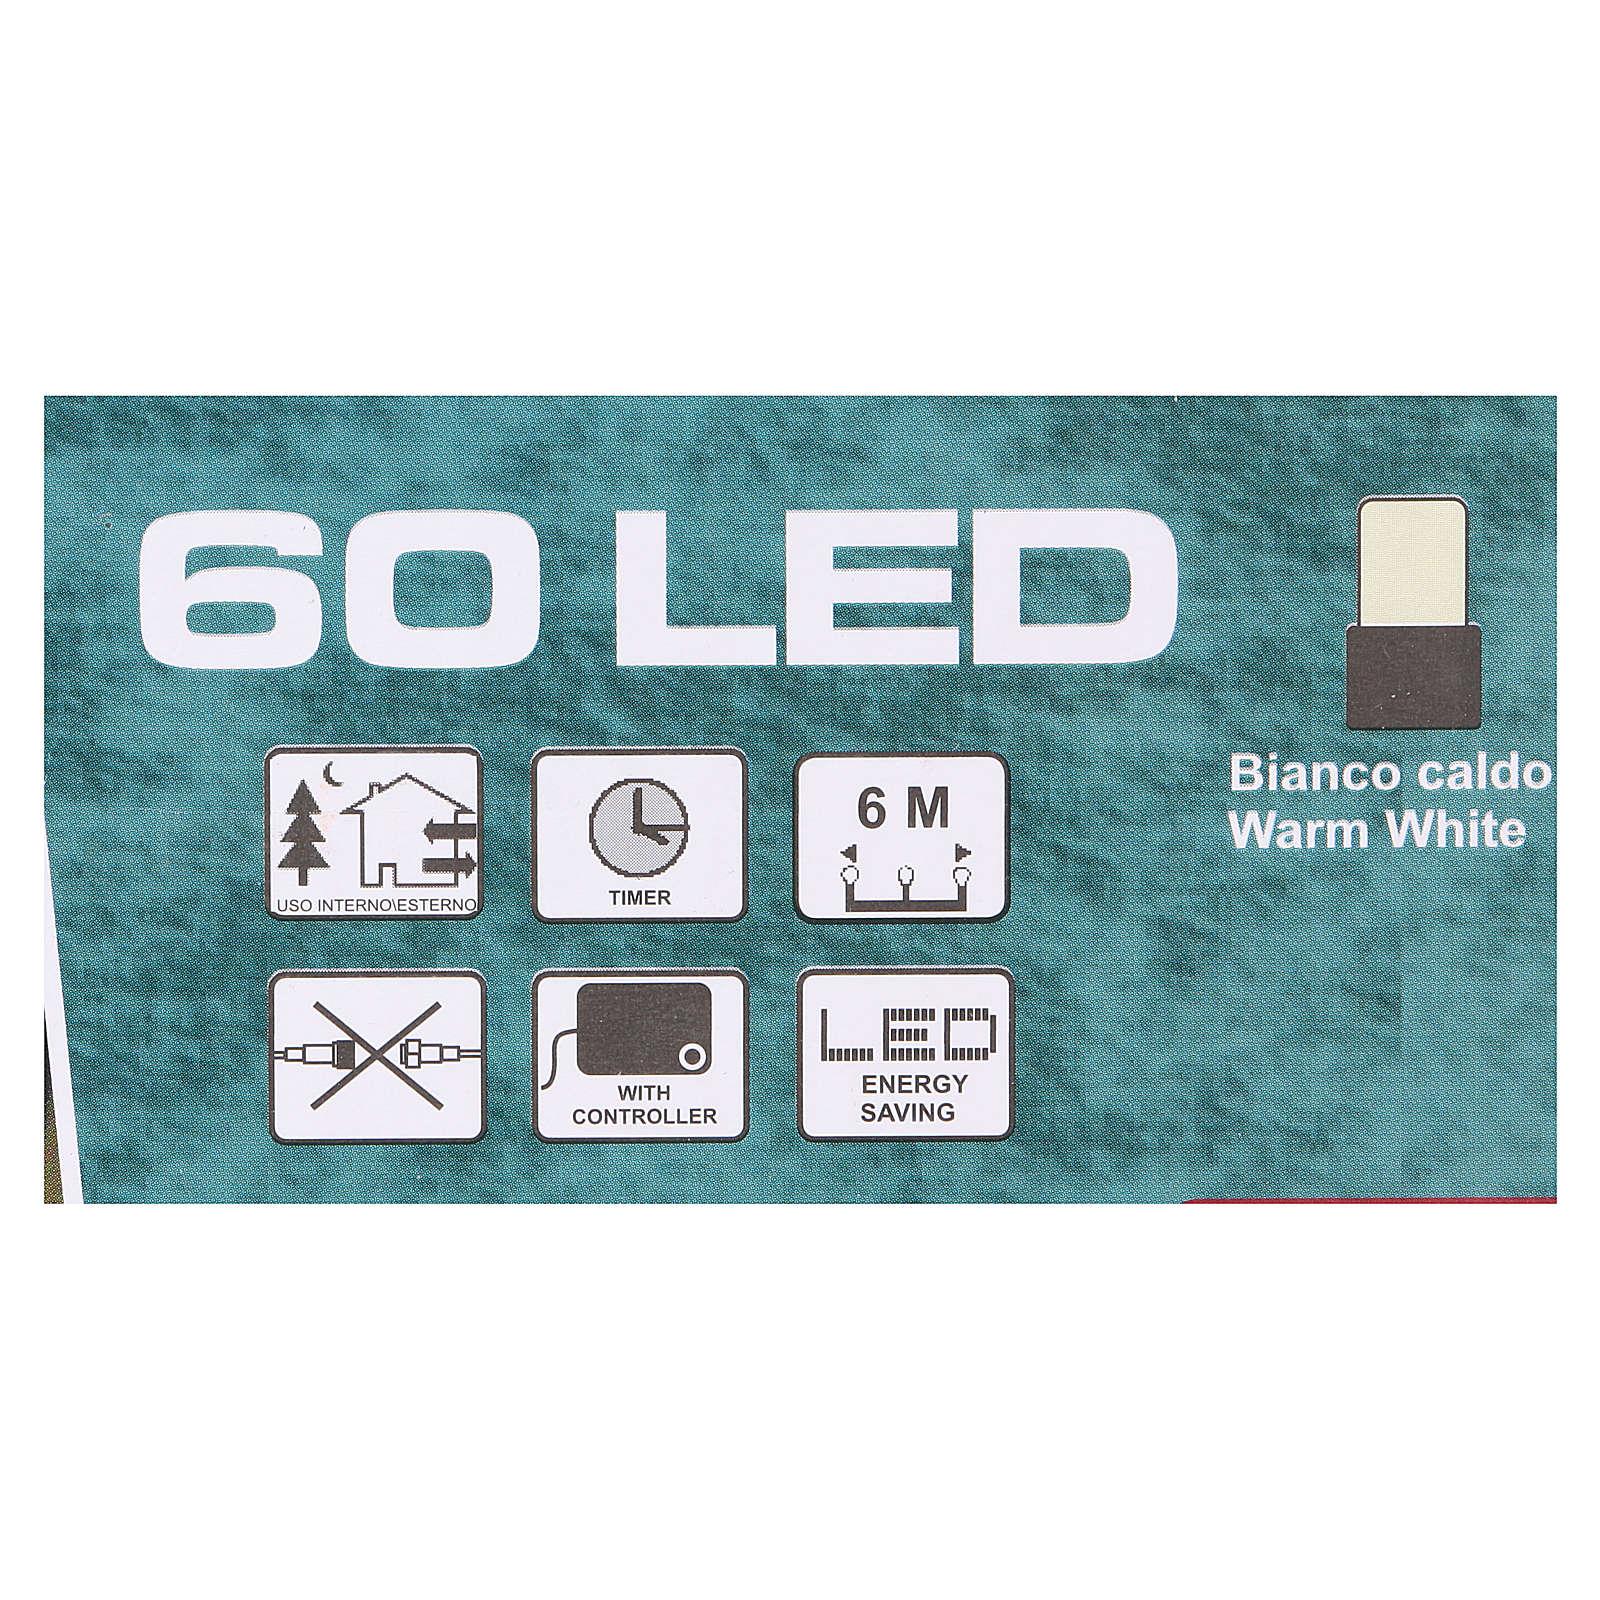 Luce di Natale catena verde 60 led bianchi caldi esterni batterie 6 m 3